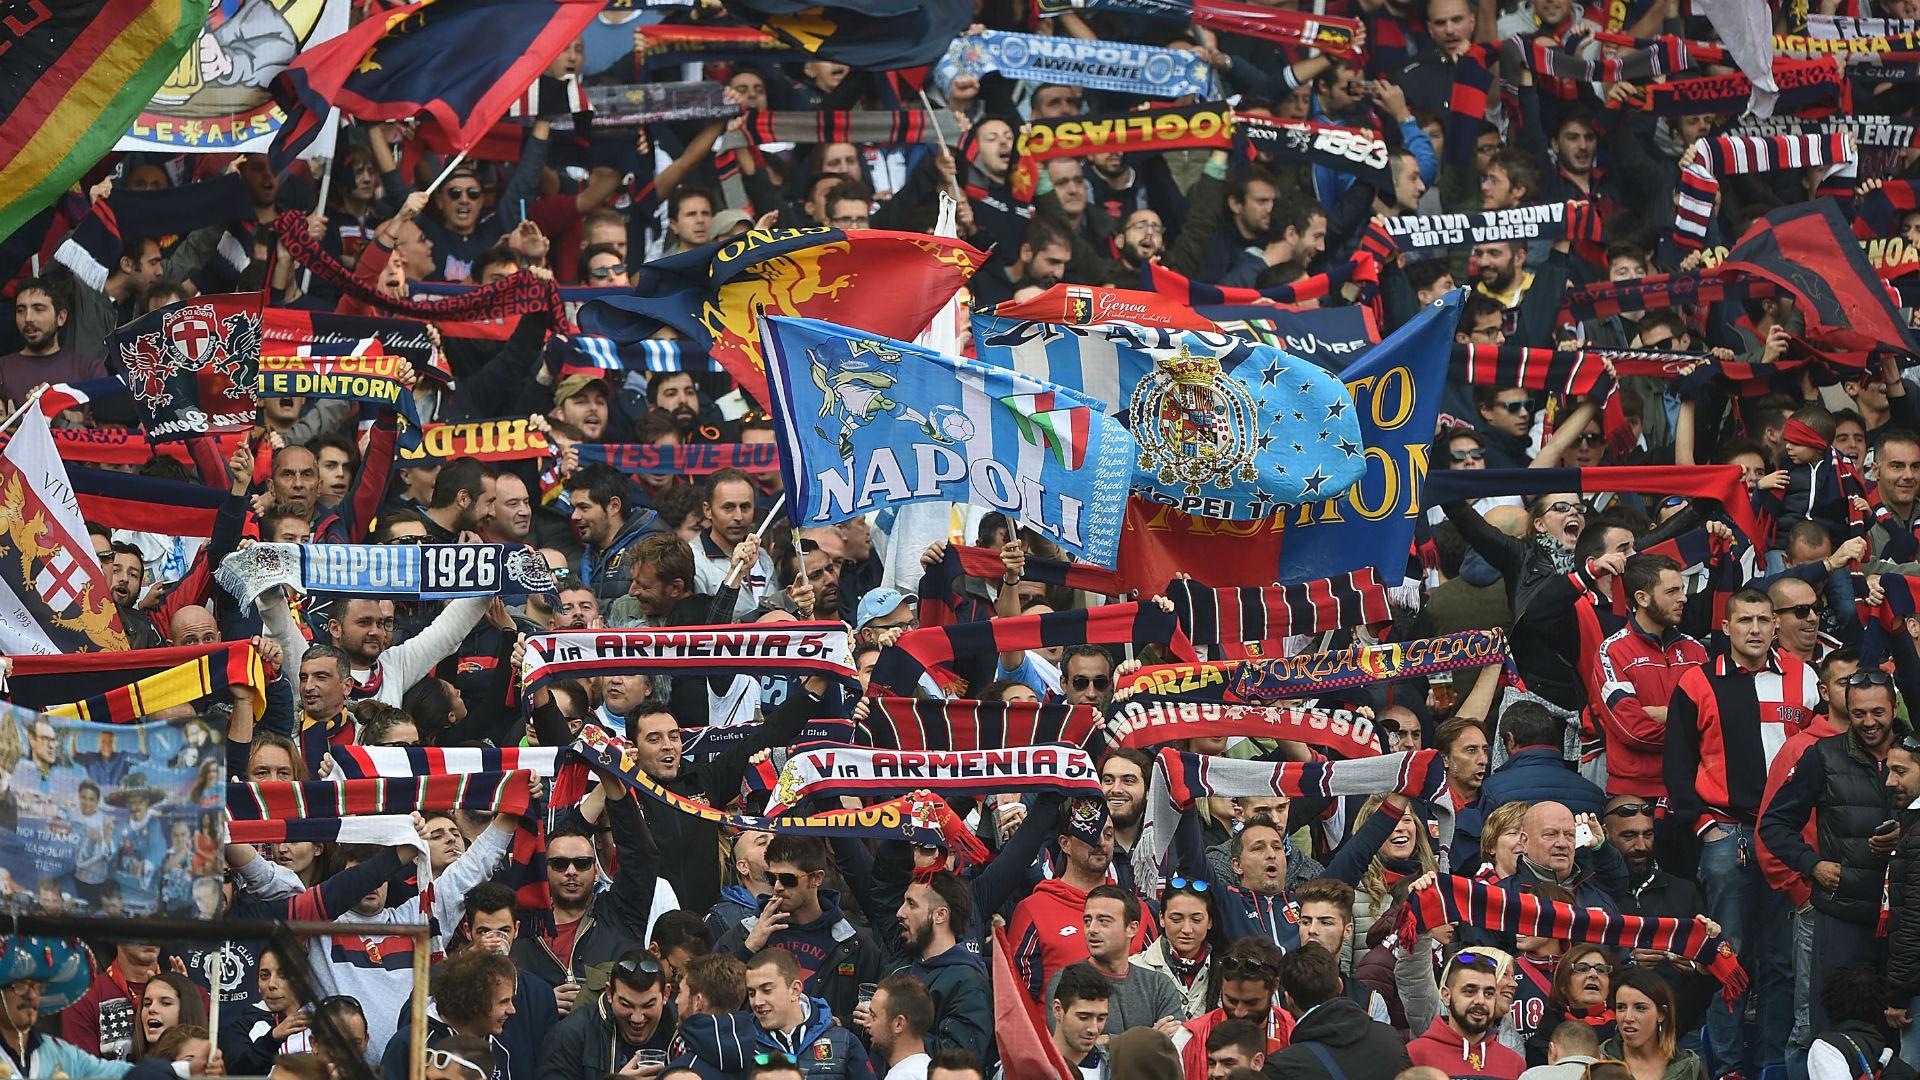 Perché è finita la storia tra i tifosi di Napoli e Genoa